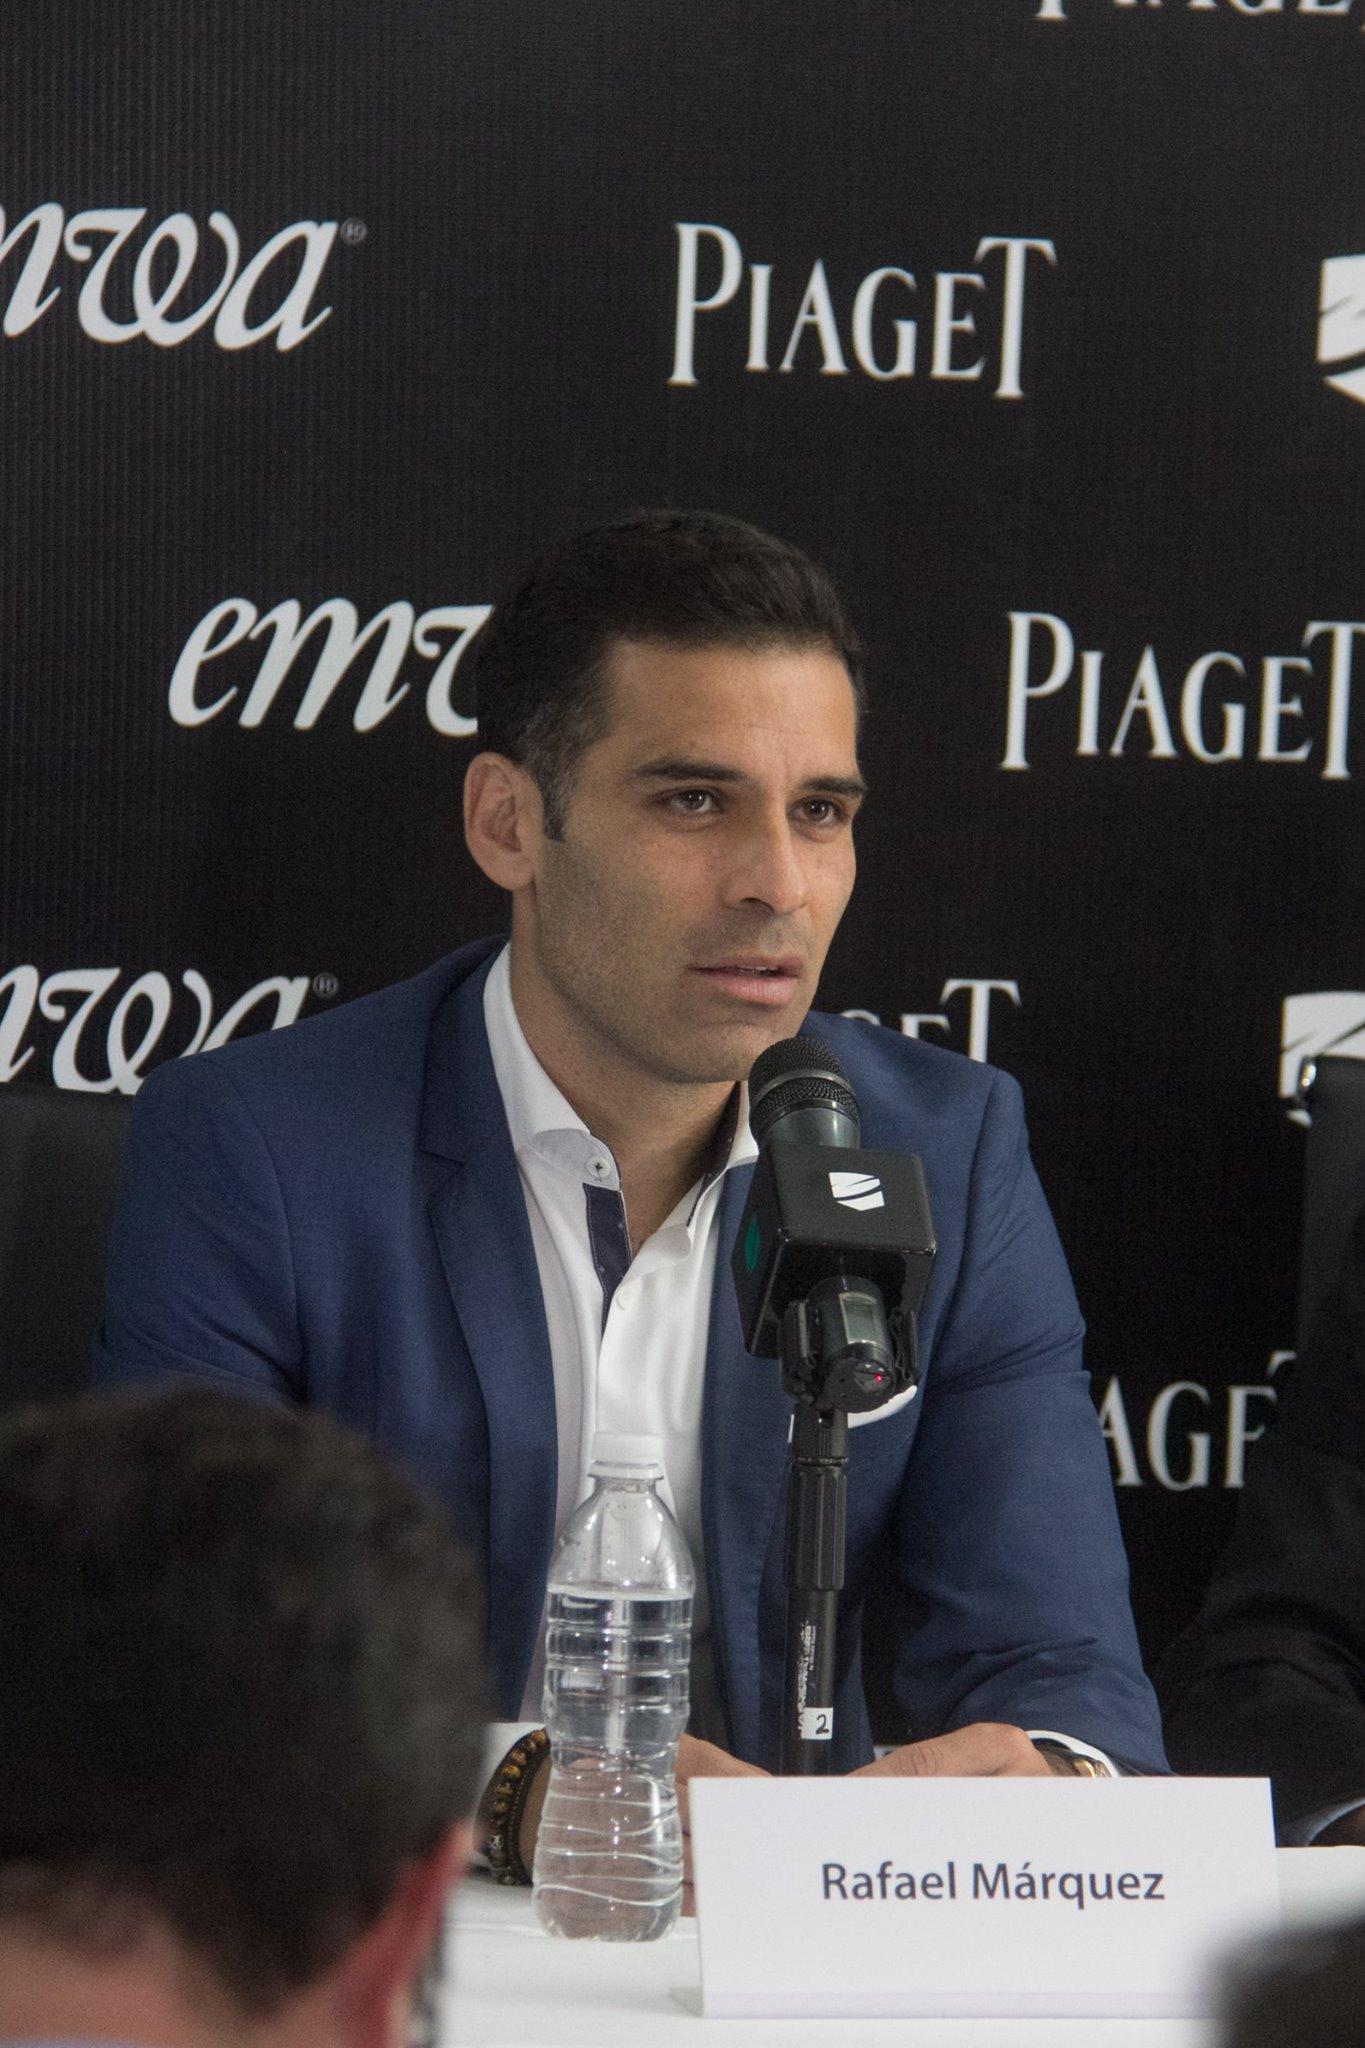 RafaelMarquez-2016-